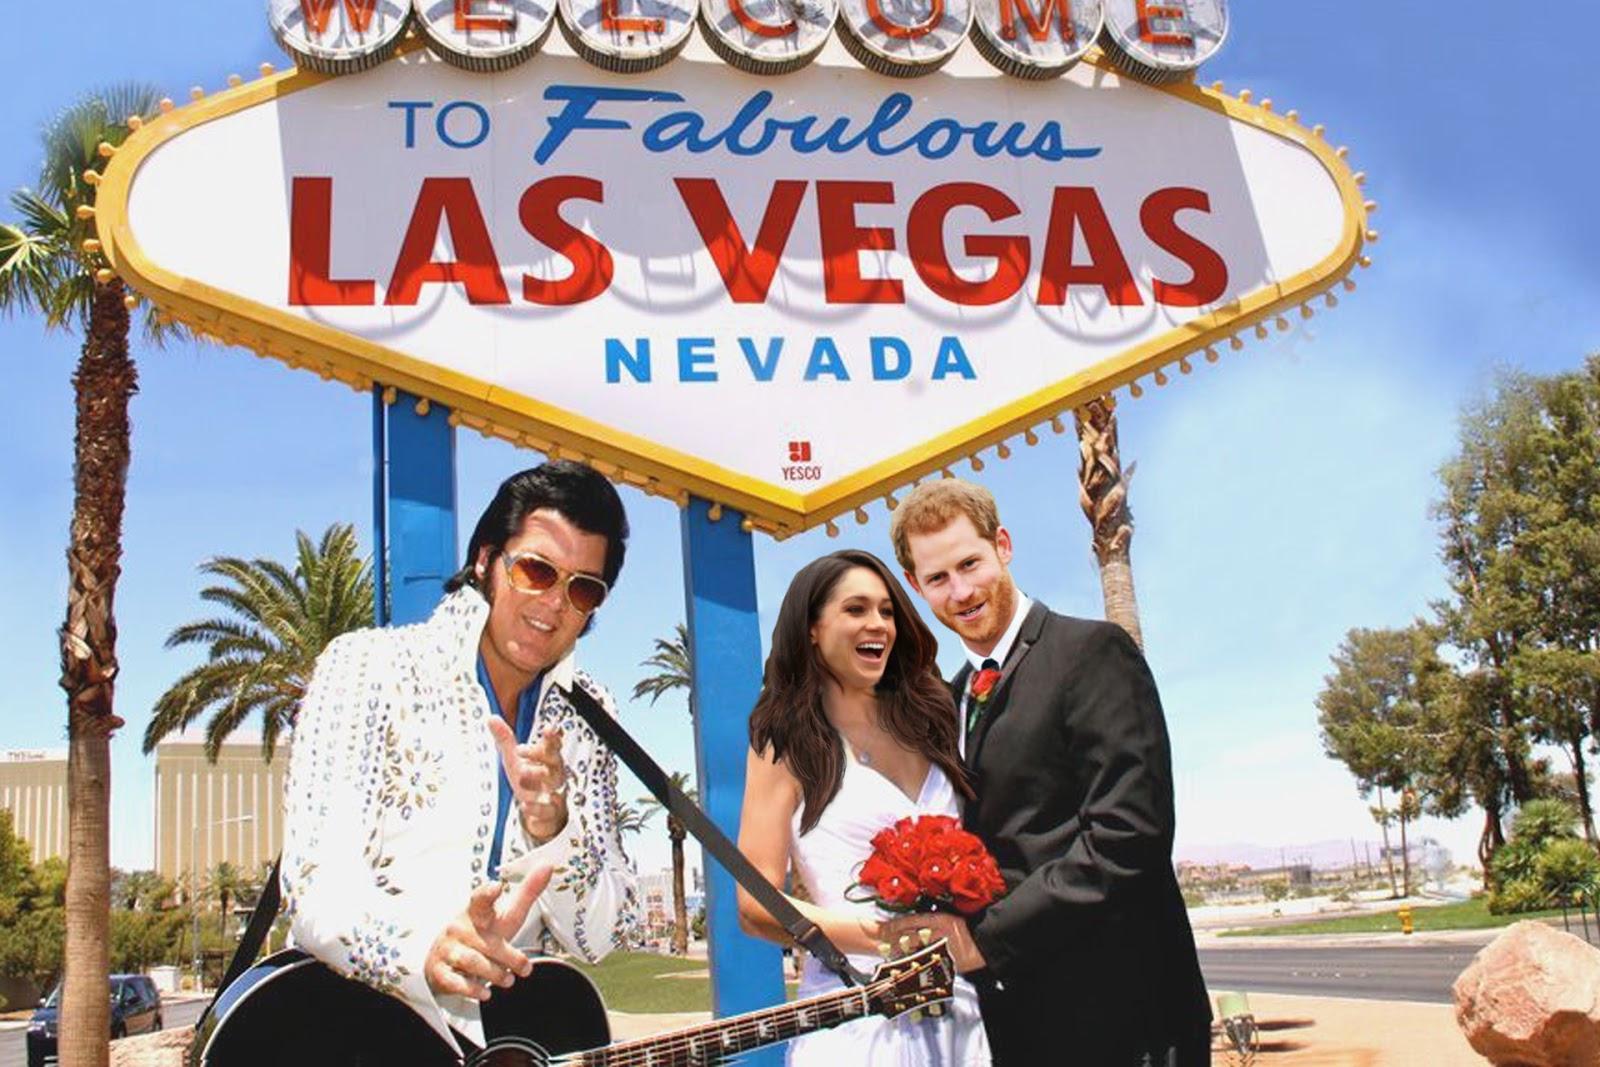 Der Postillon: Royal Wedding Nach Spontaner 20$-Hochzeit In